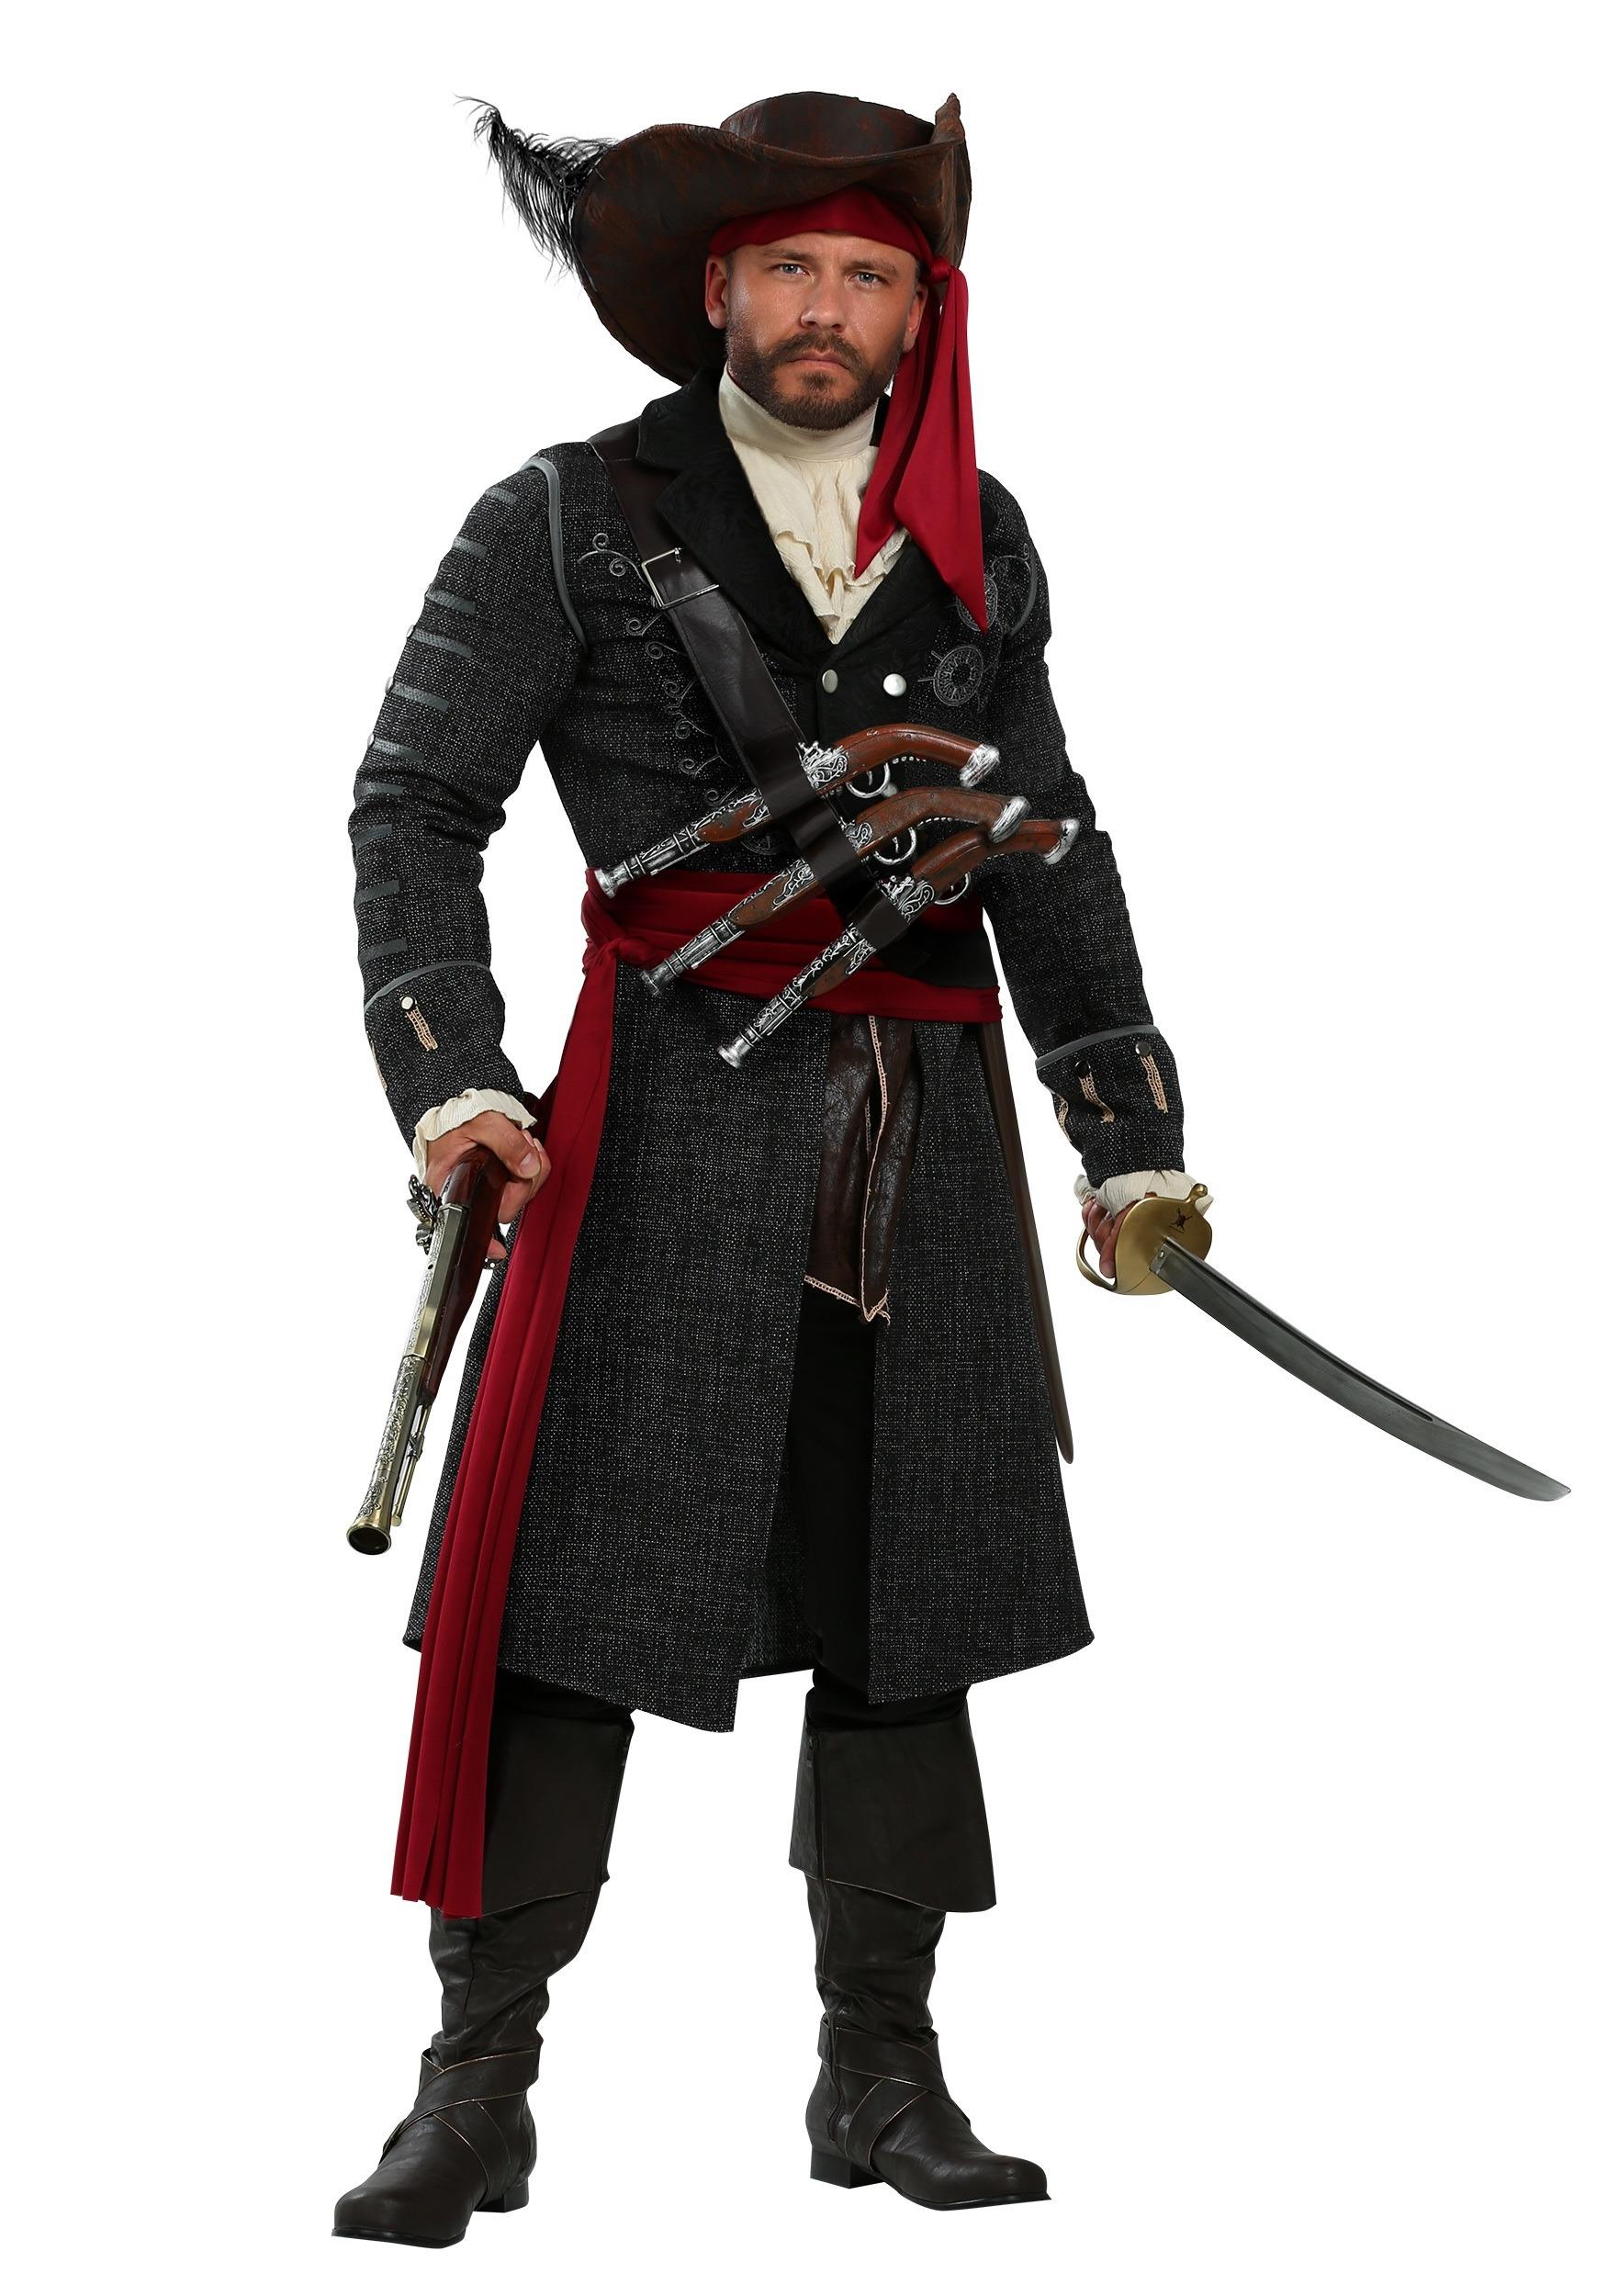 blackbeard costume for plus size men